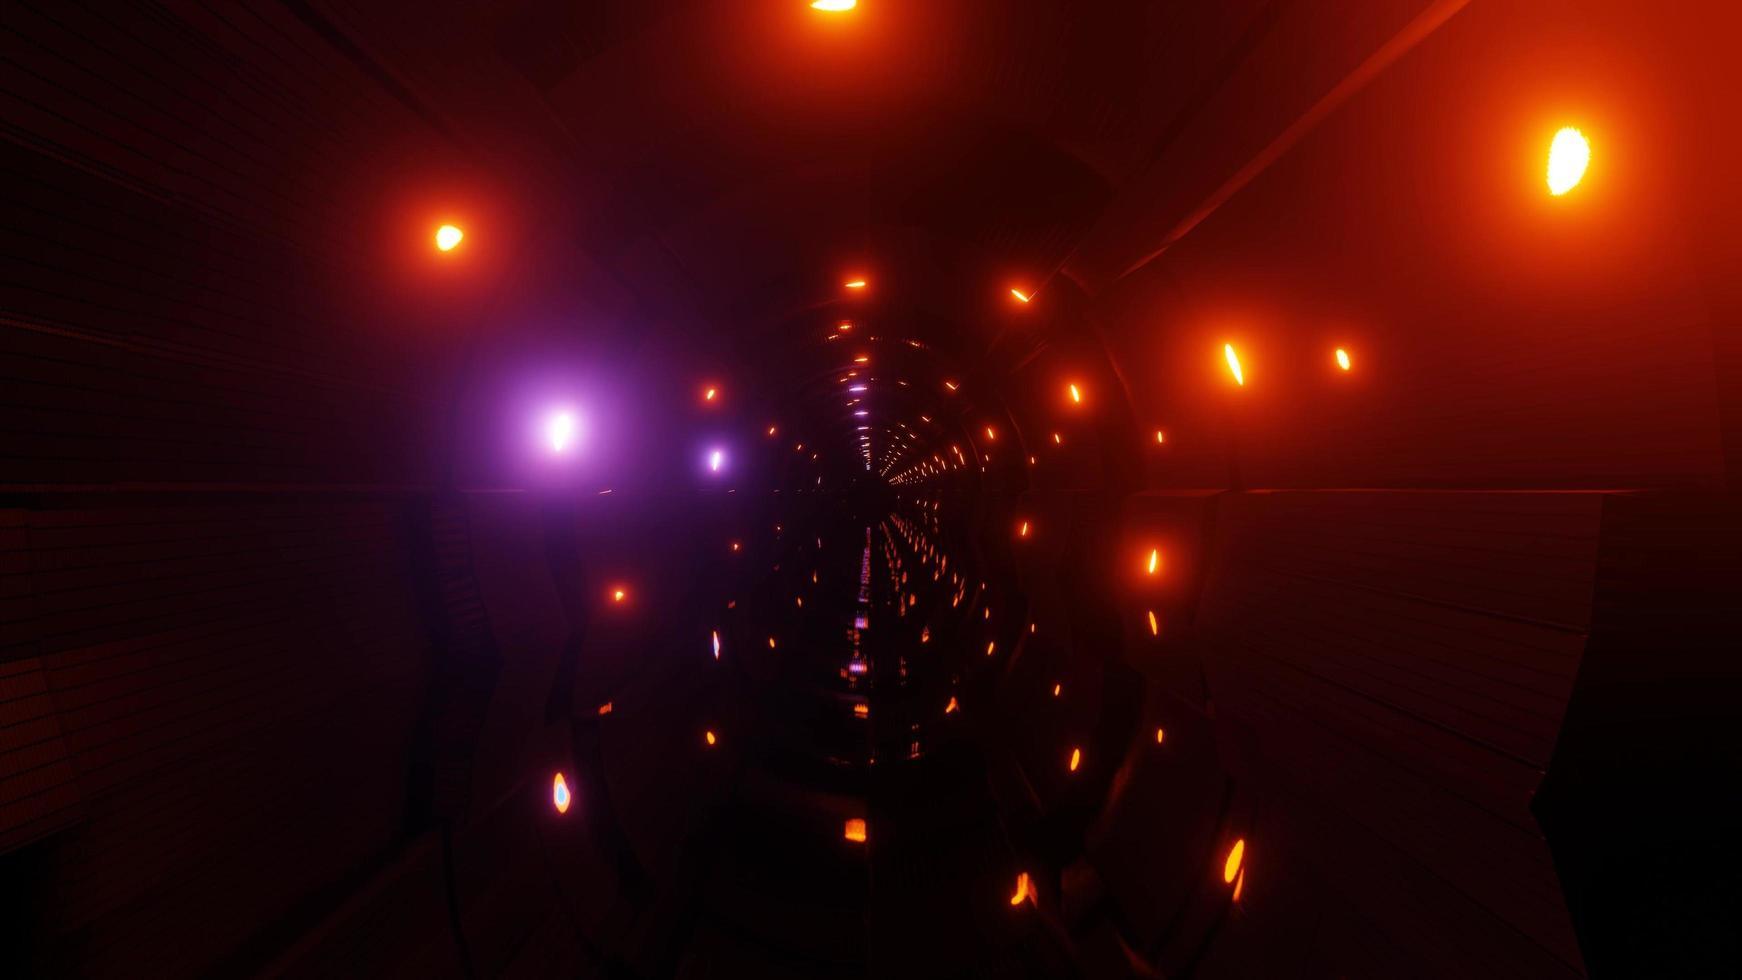 bewegliche Lichter auf Sci-Fi-Tunnel 3d Illustration foto